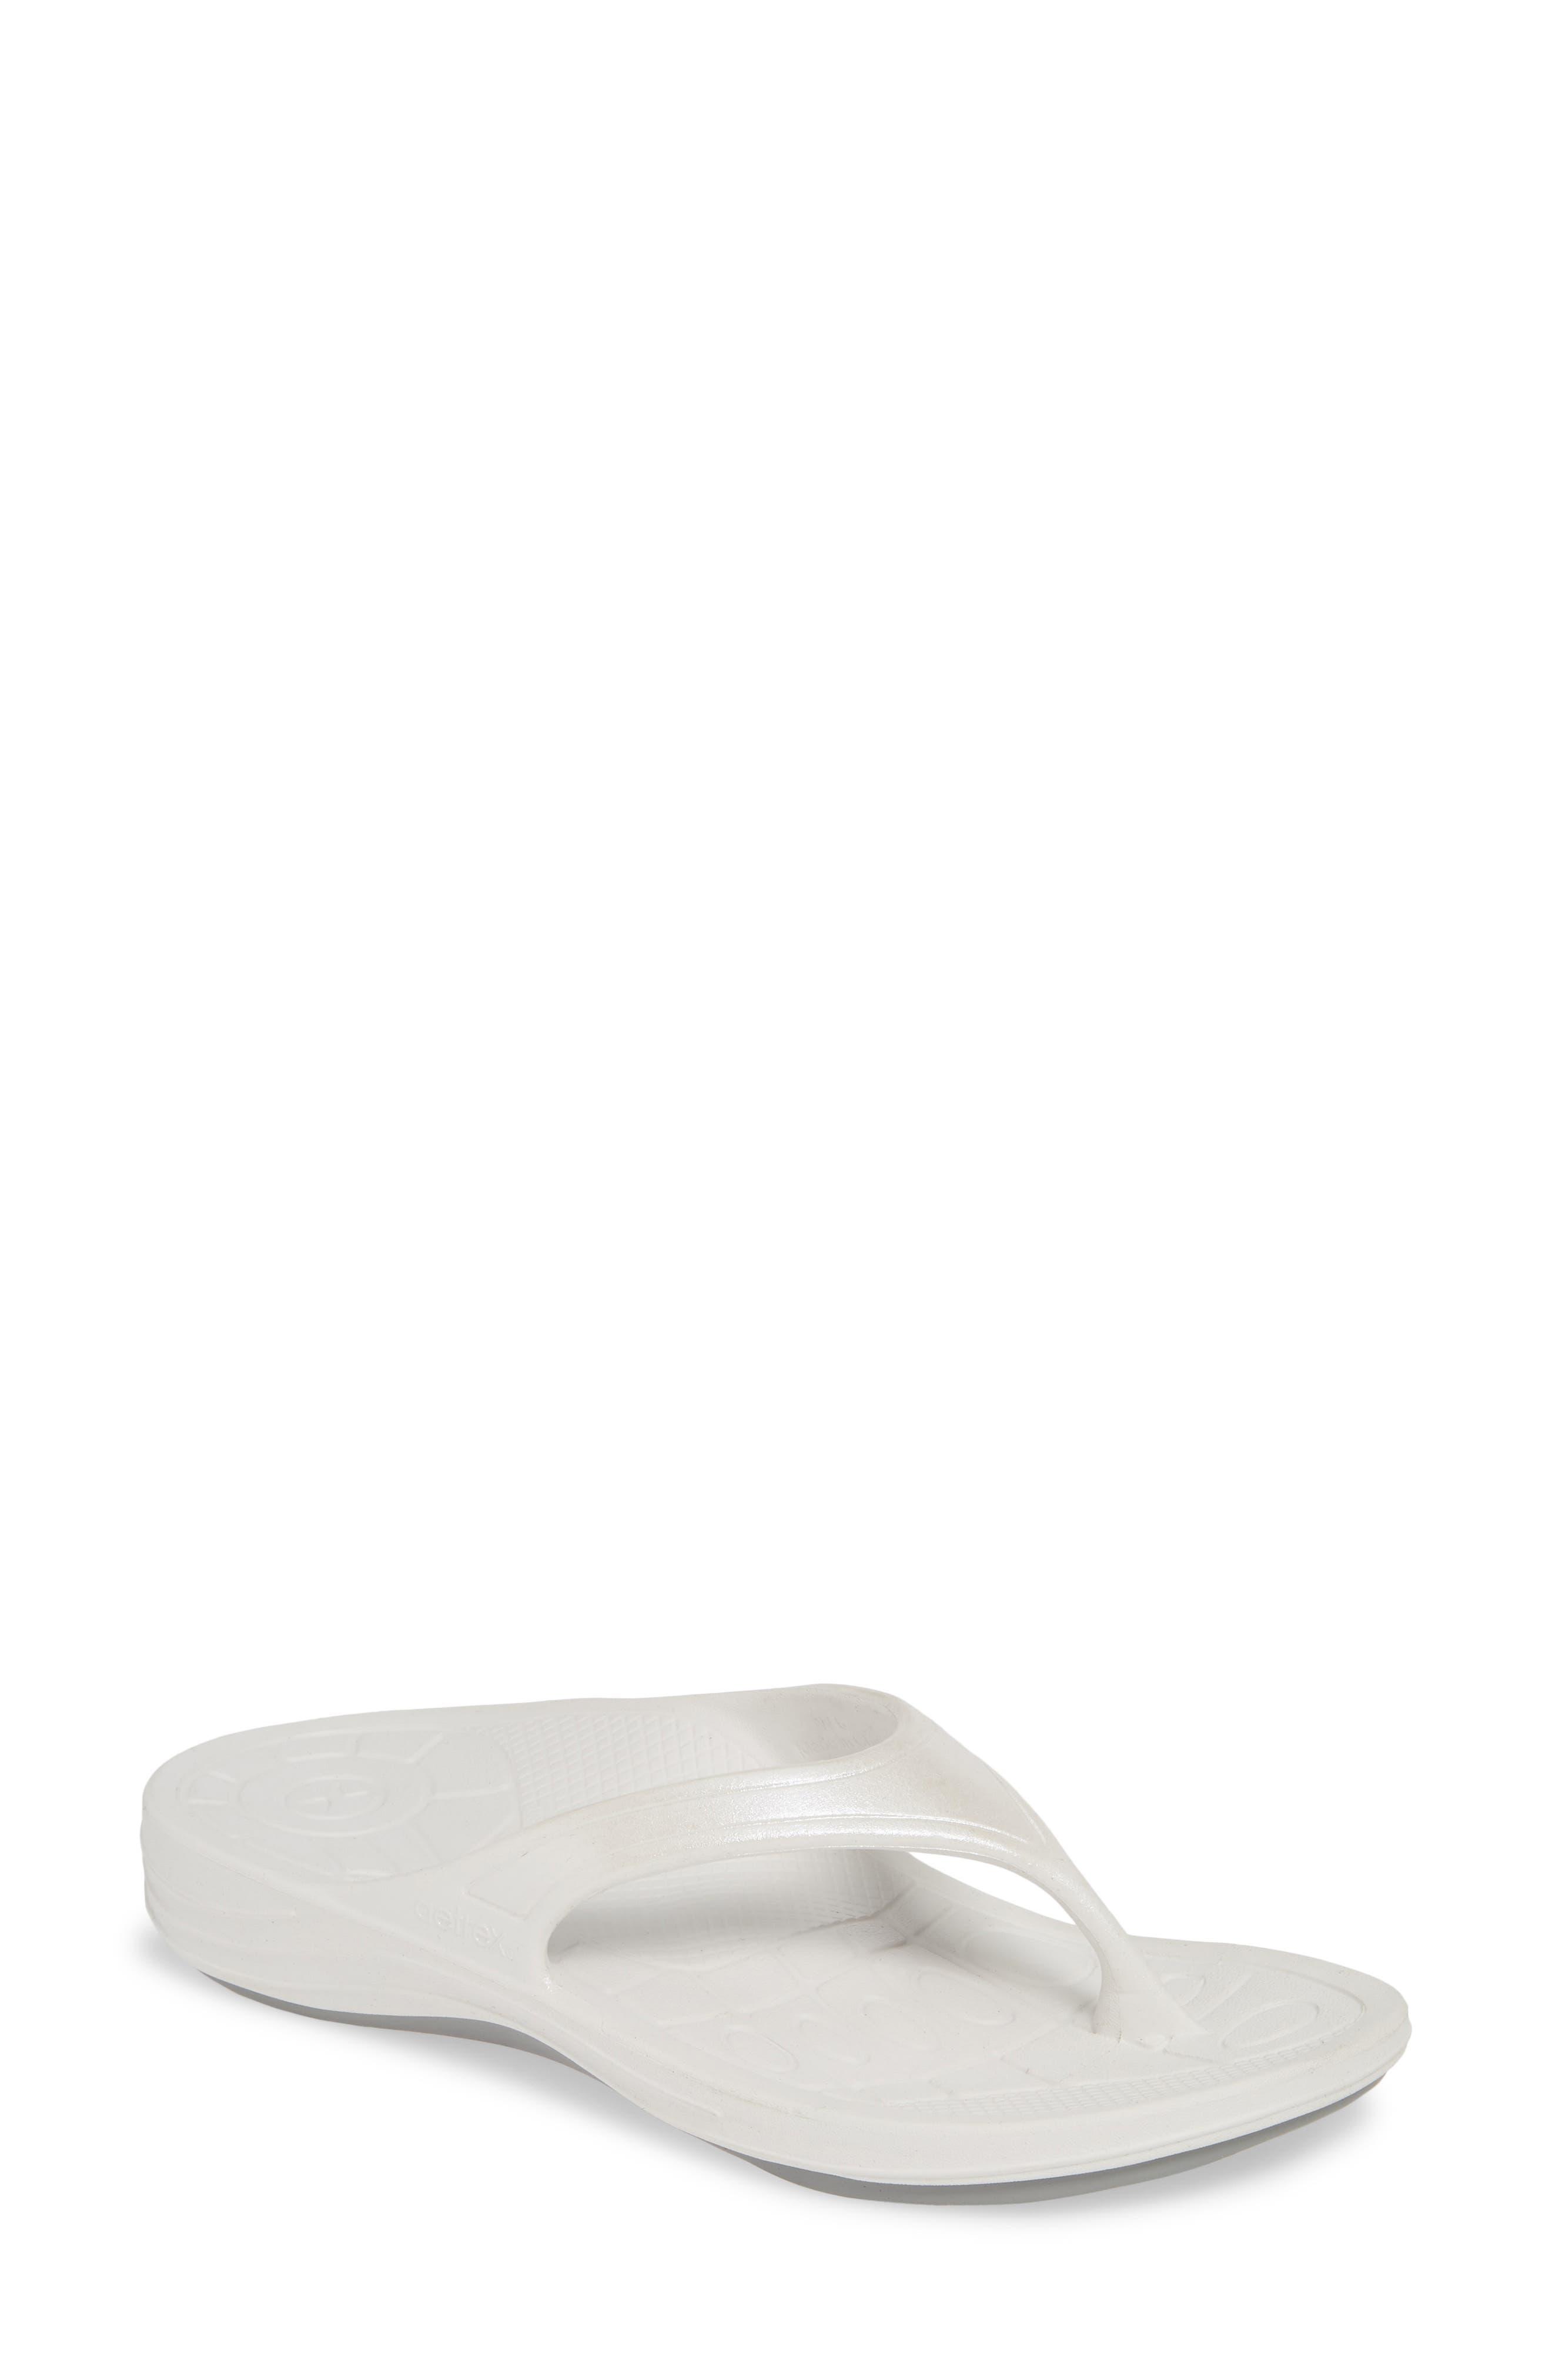 Aetrex Fiji Flip Flop, White